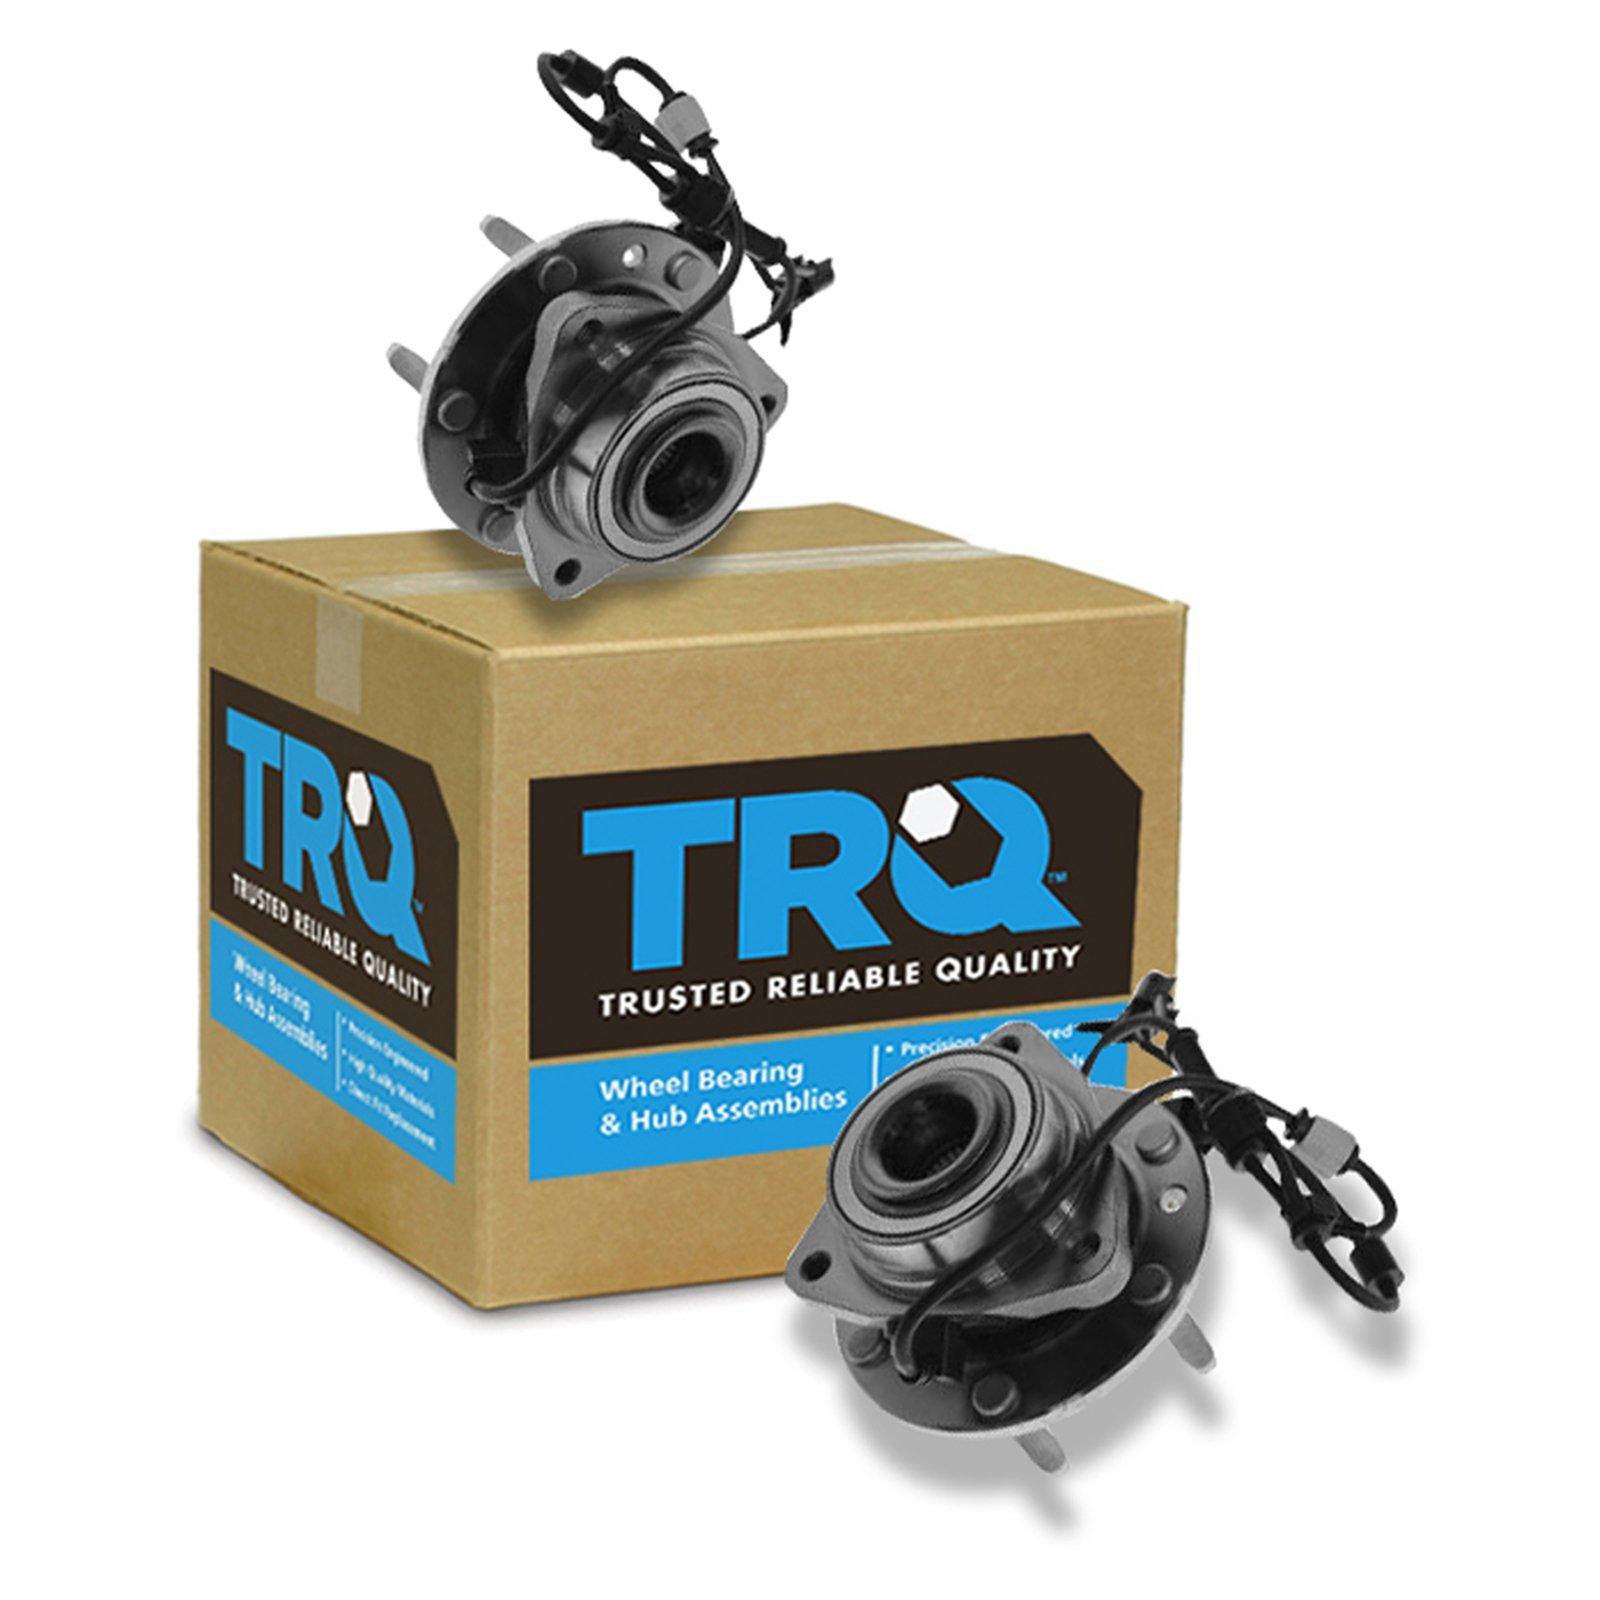 TRQ Front Wheel Hub & Bearing Pair Set for Trailblazer Envoy w/ABS 6 Lug